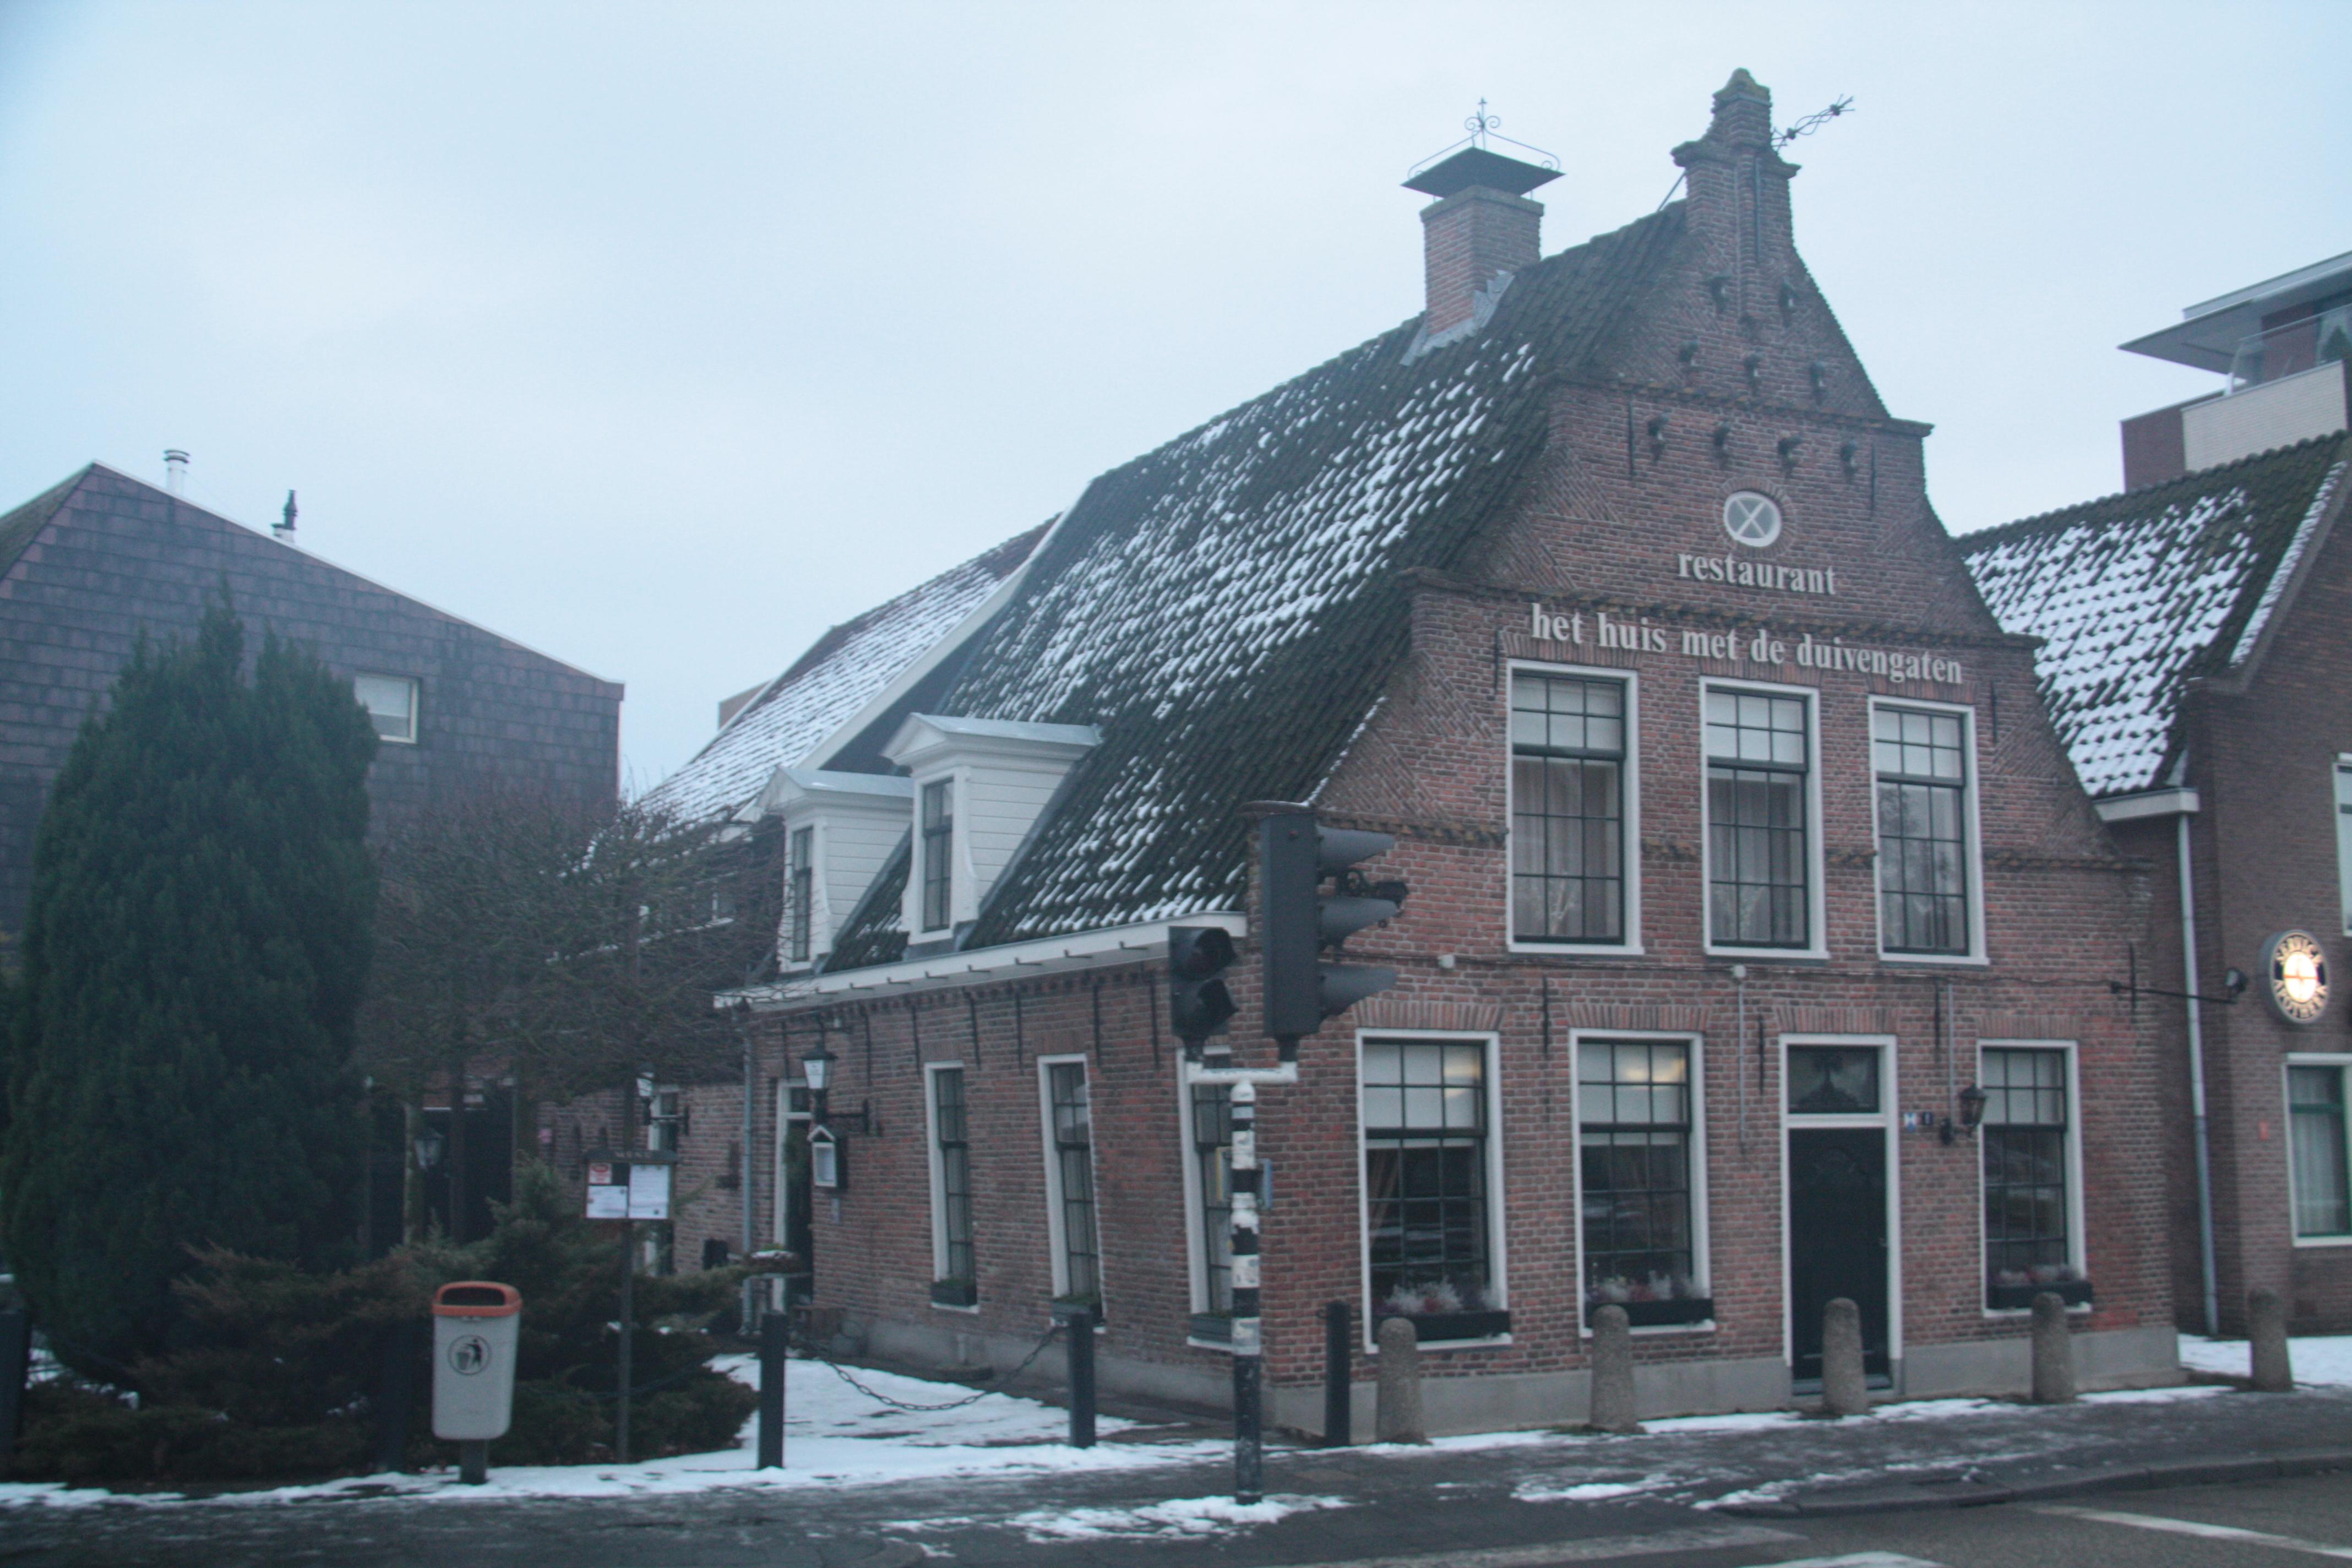 Huis met duivengaten in hoogeveen monument - Huis van de wereld vaas ...